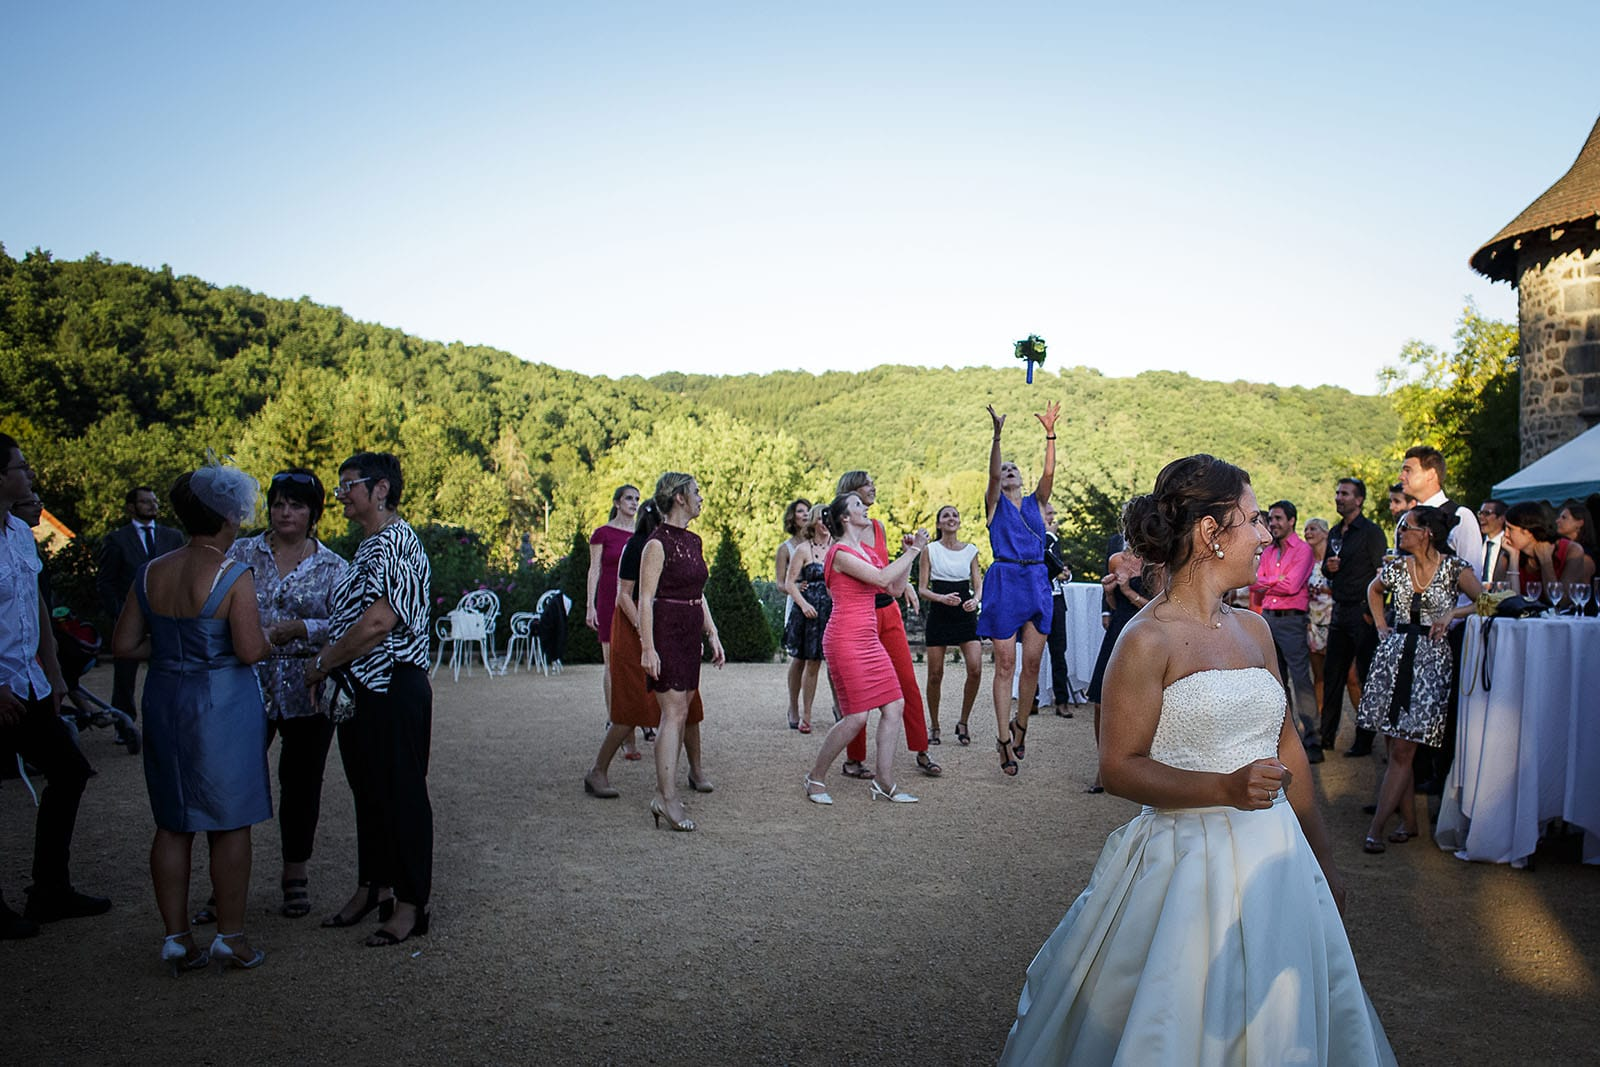 Le bouquet de la mariée , photo Castille ALMA photographe de mariage à Paris lancé de bouquet de la mariée. Photo réalisée par Castille ALMA photographe de mariage à Paris Région Parisienne.